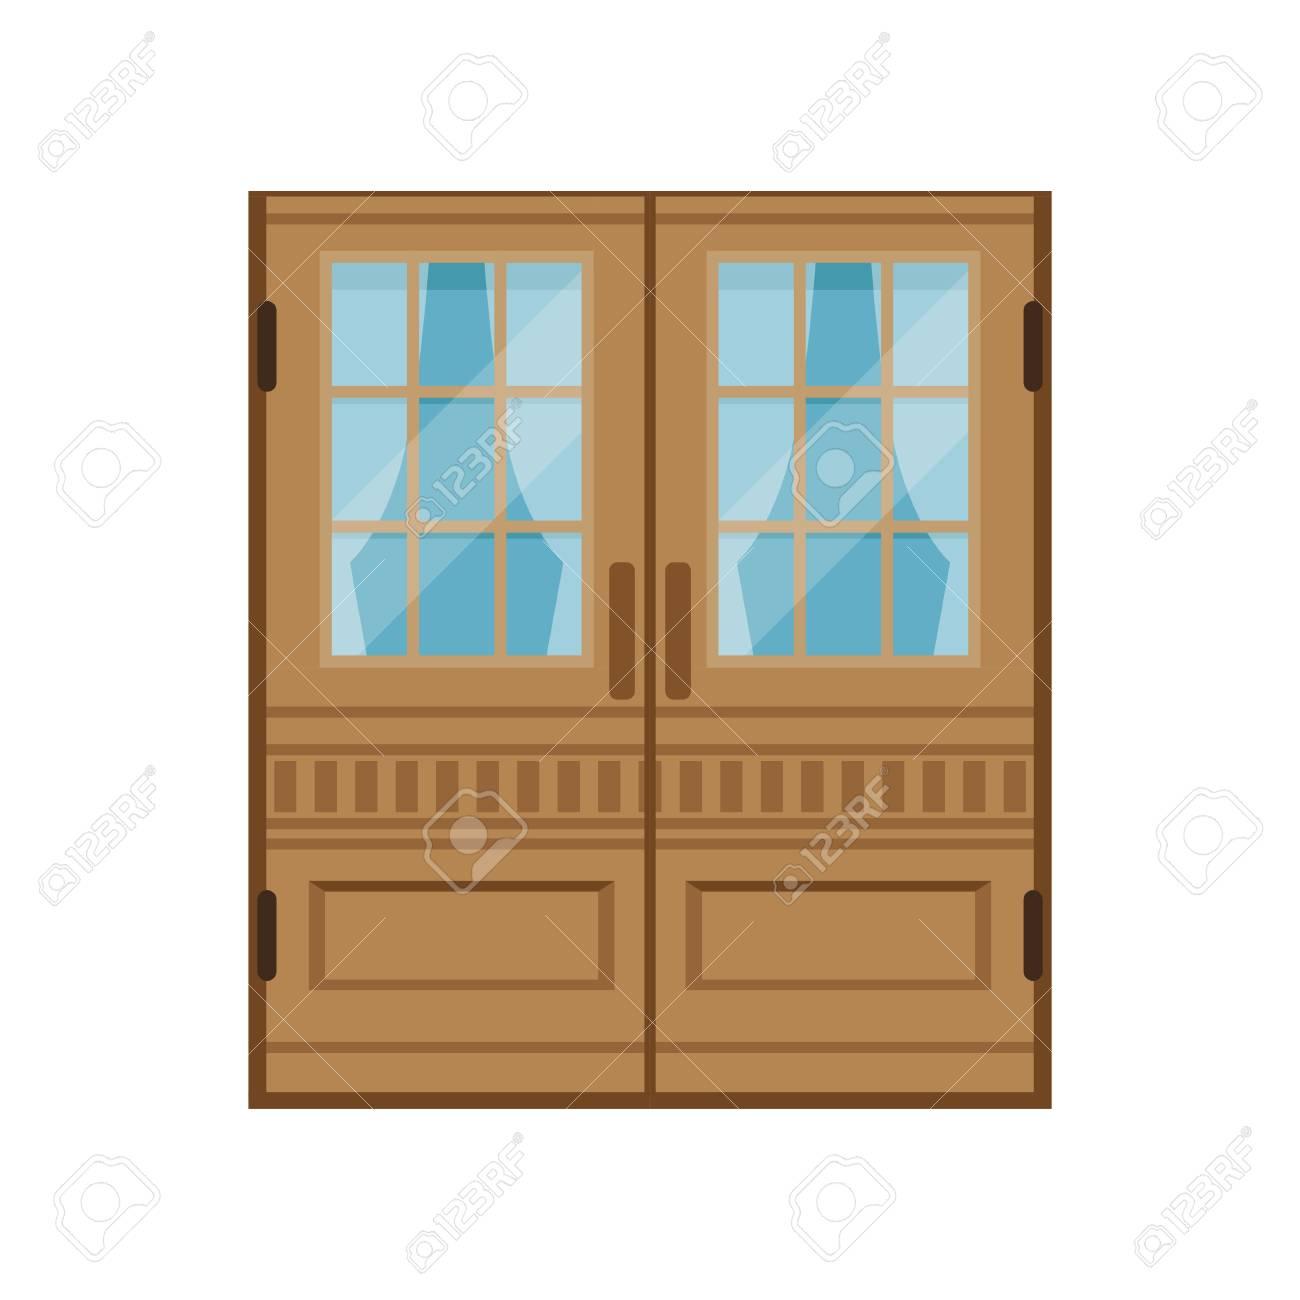 elegant front doors. Classic Double Wooden Doors, Closed Elegant Front Door Vector Illustration Stock - 86317634 Doors W